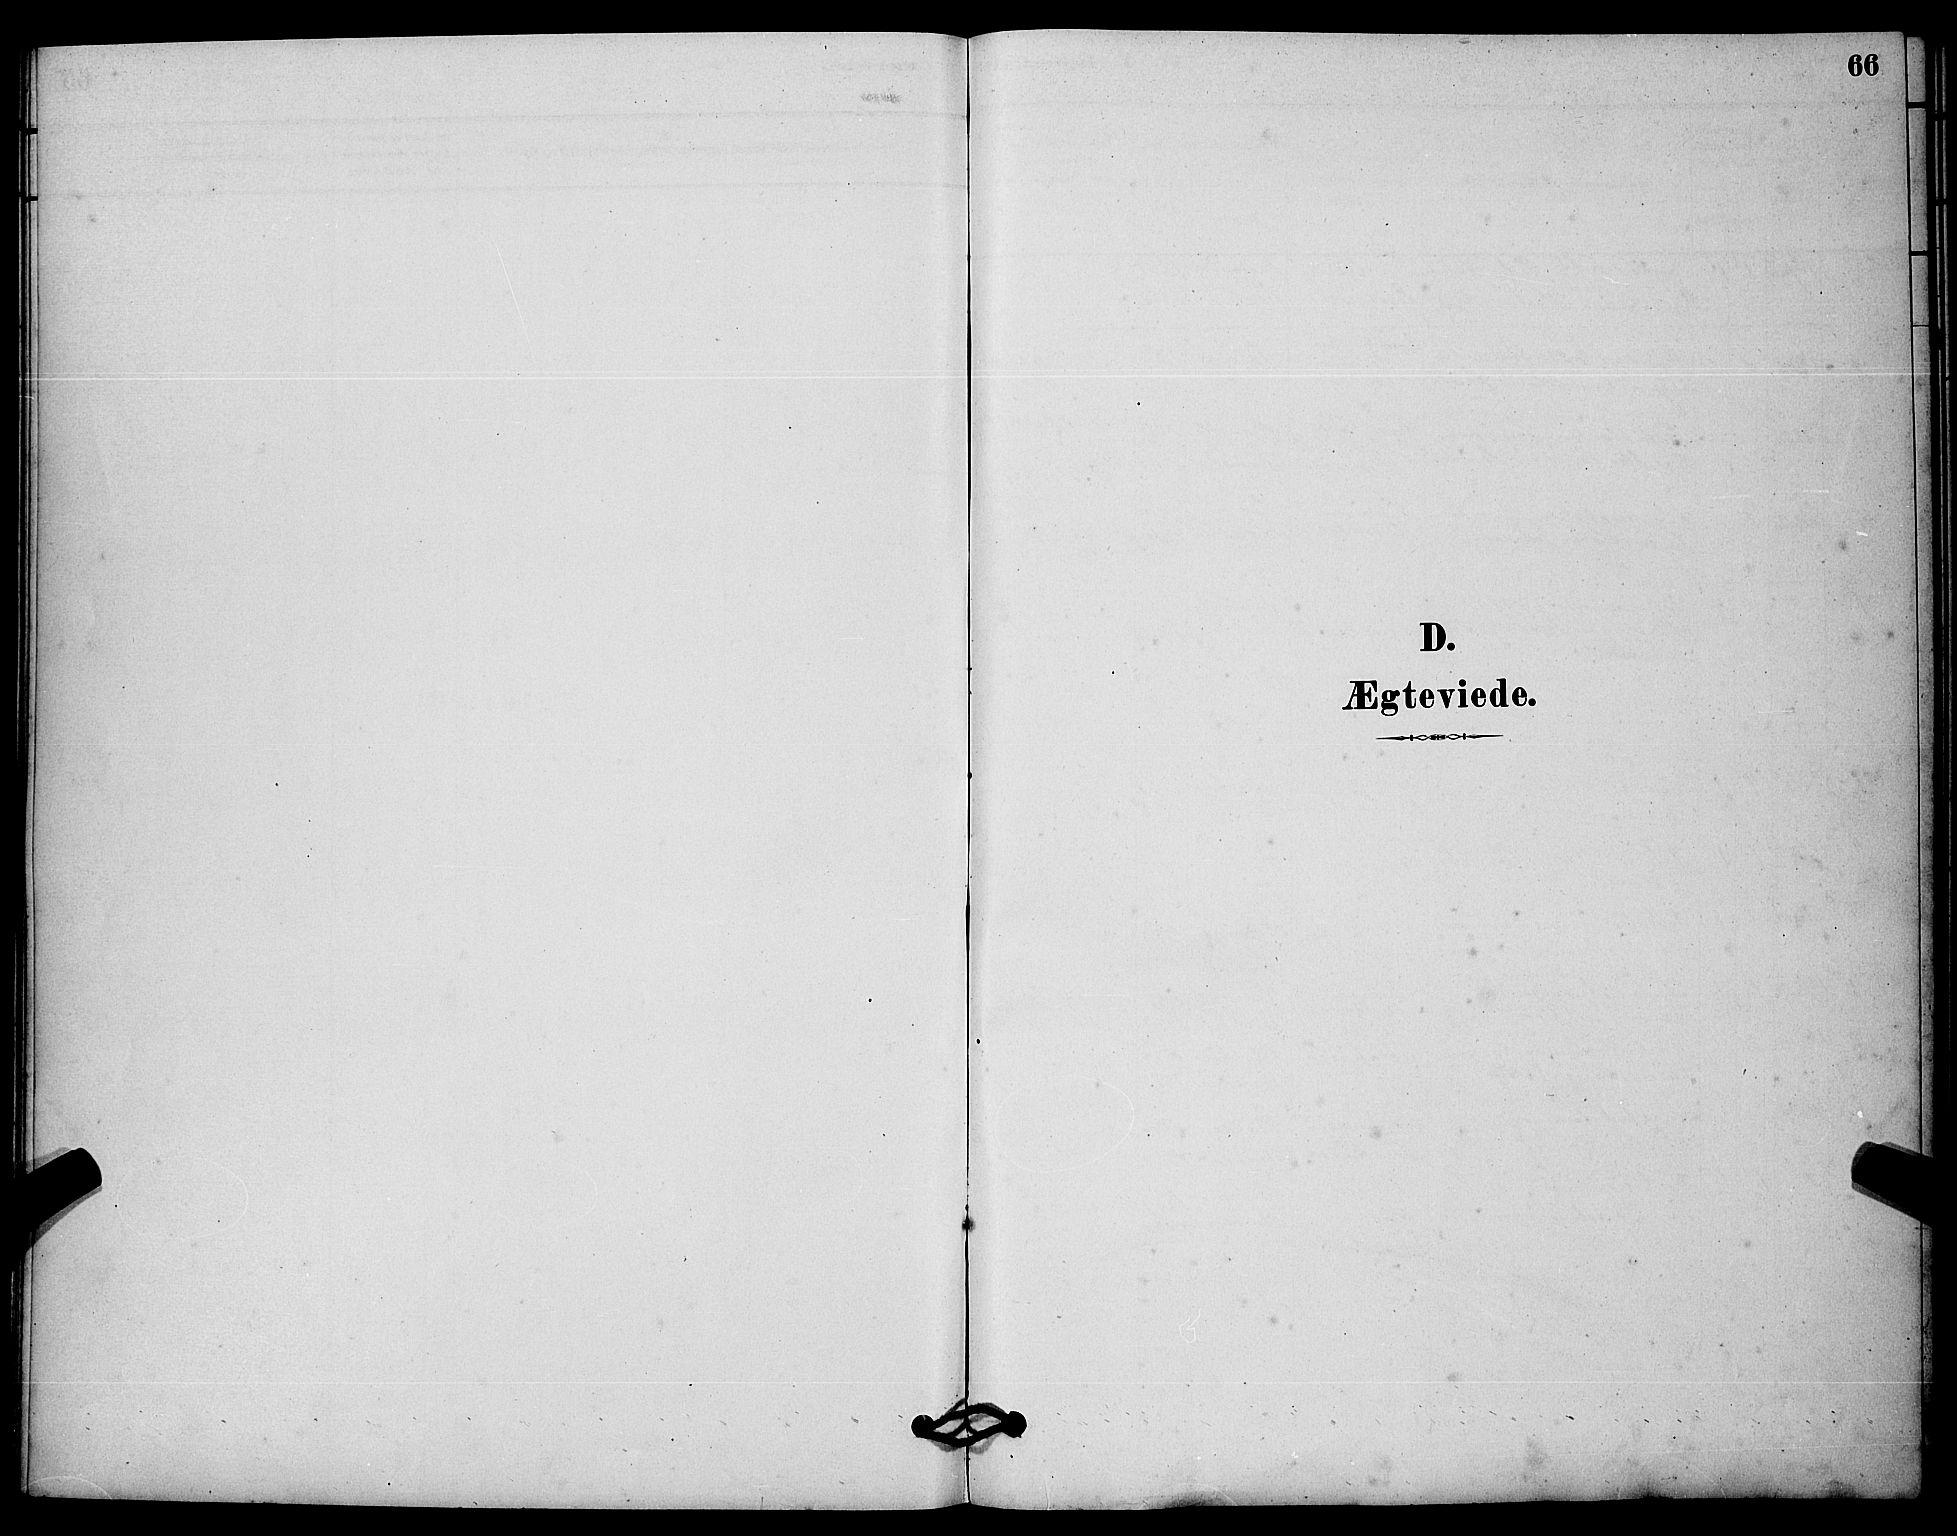 SAKO, Solum kirkebøker, G/Gc/L0001: Klokkerbok nr. III 1, 1880-1902, s. 66